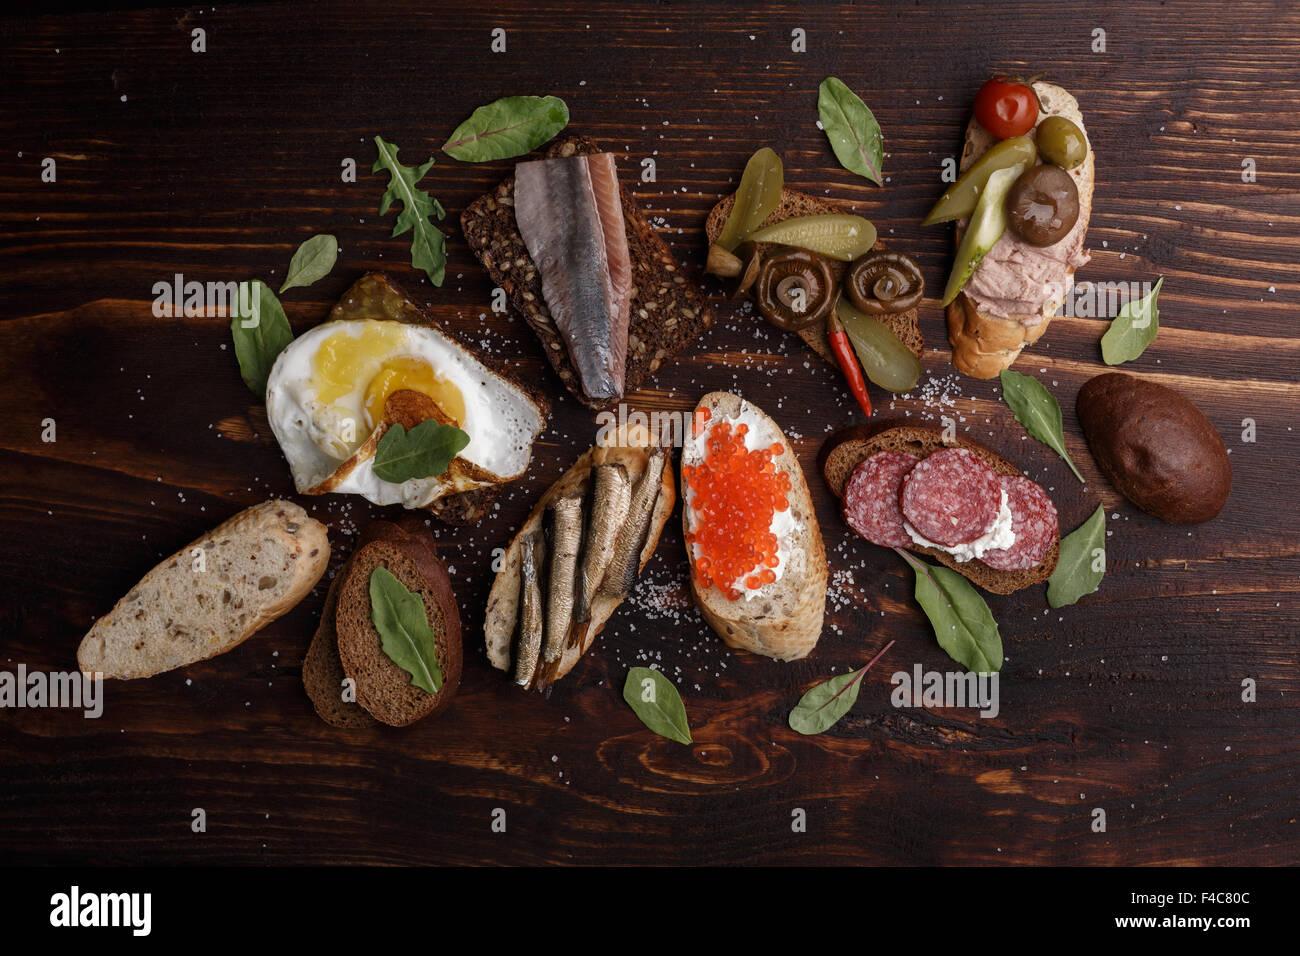 Varietà di aprire panini da cereali integrali e baguette di pane di segale con diversi condimenti su legno Immagini Stock